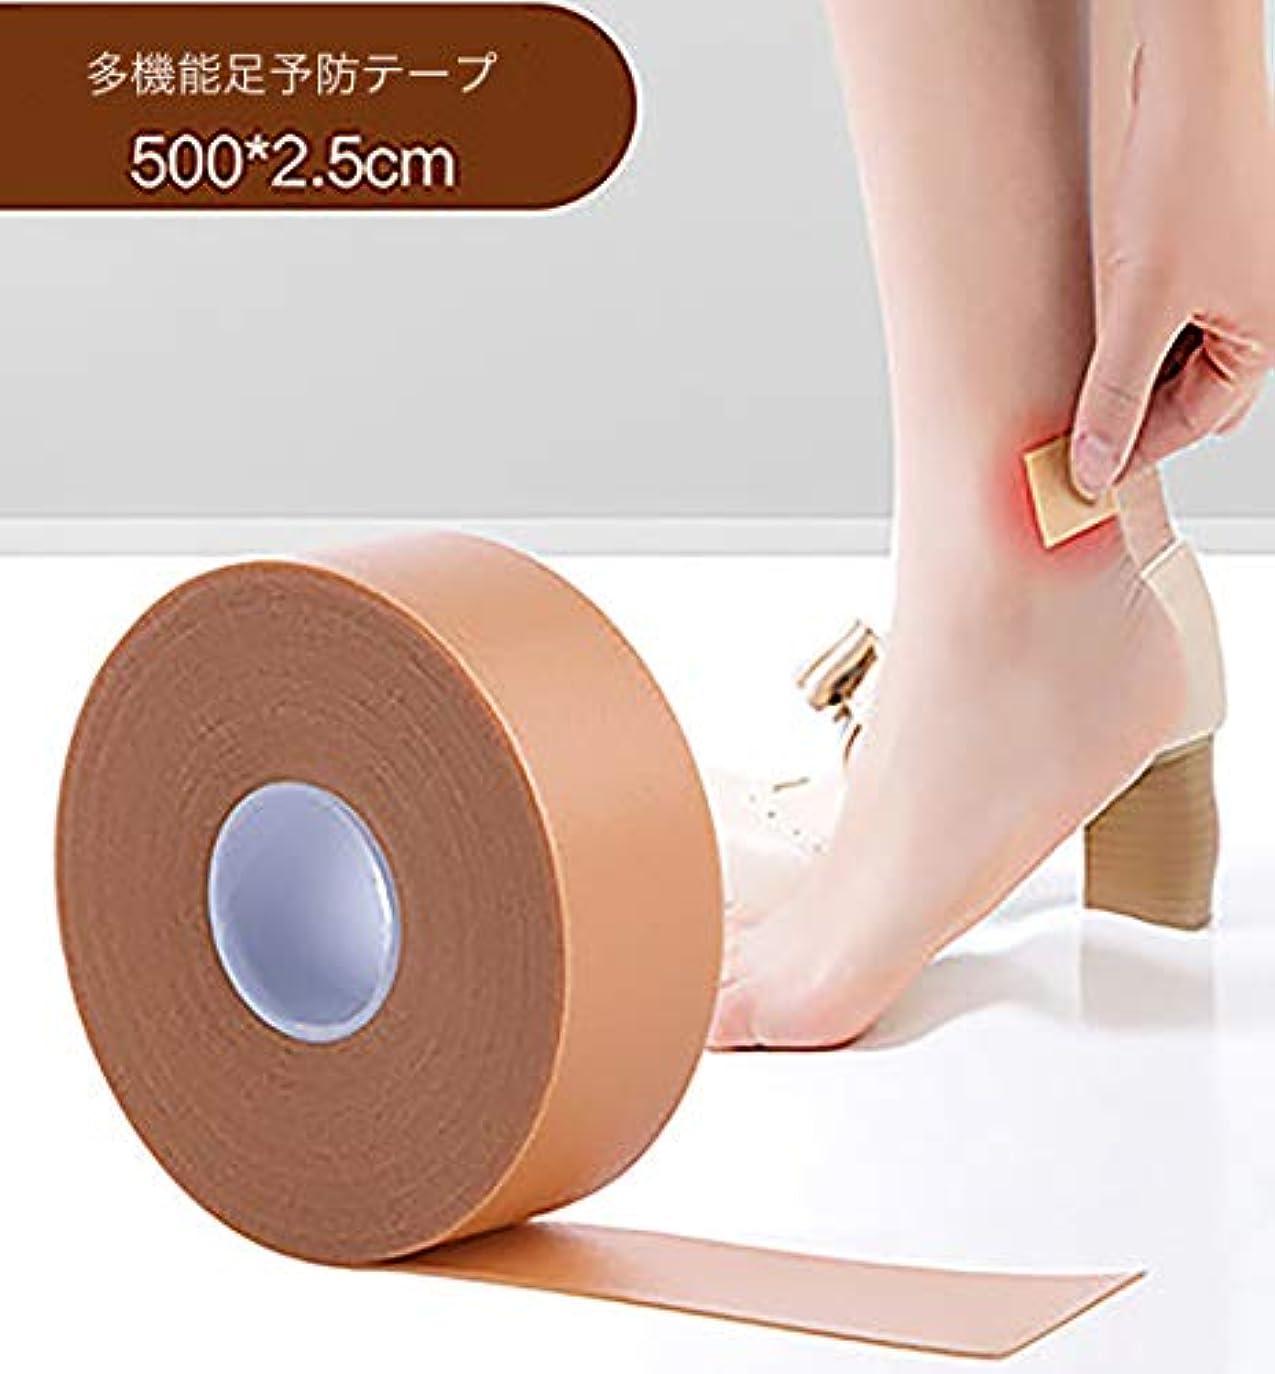 靴擦れ くつずれ防止 靴擦れケアテープ かかと パッド フットヒールステッカーテープ 防水素材 粘着 かかと パッド テープ 足痛み軽減 耐摩耗 痛み緩和 伸縮性抜群 男女兼用 (1個セット)